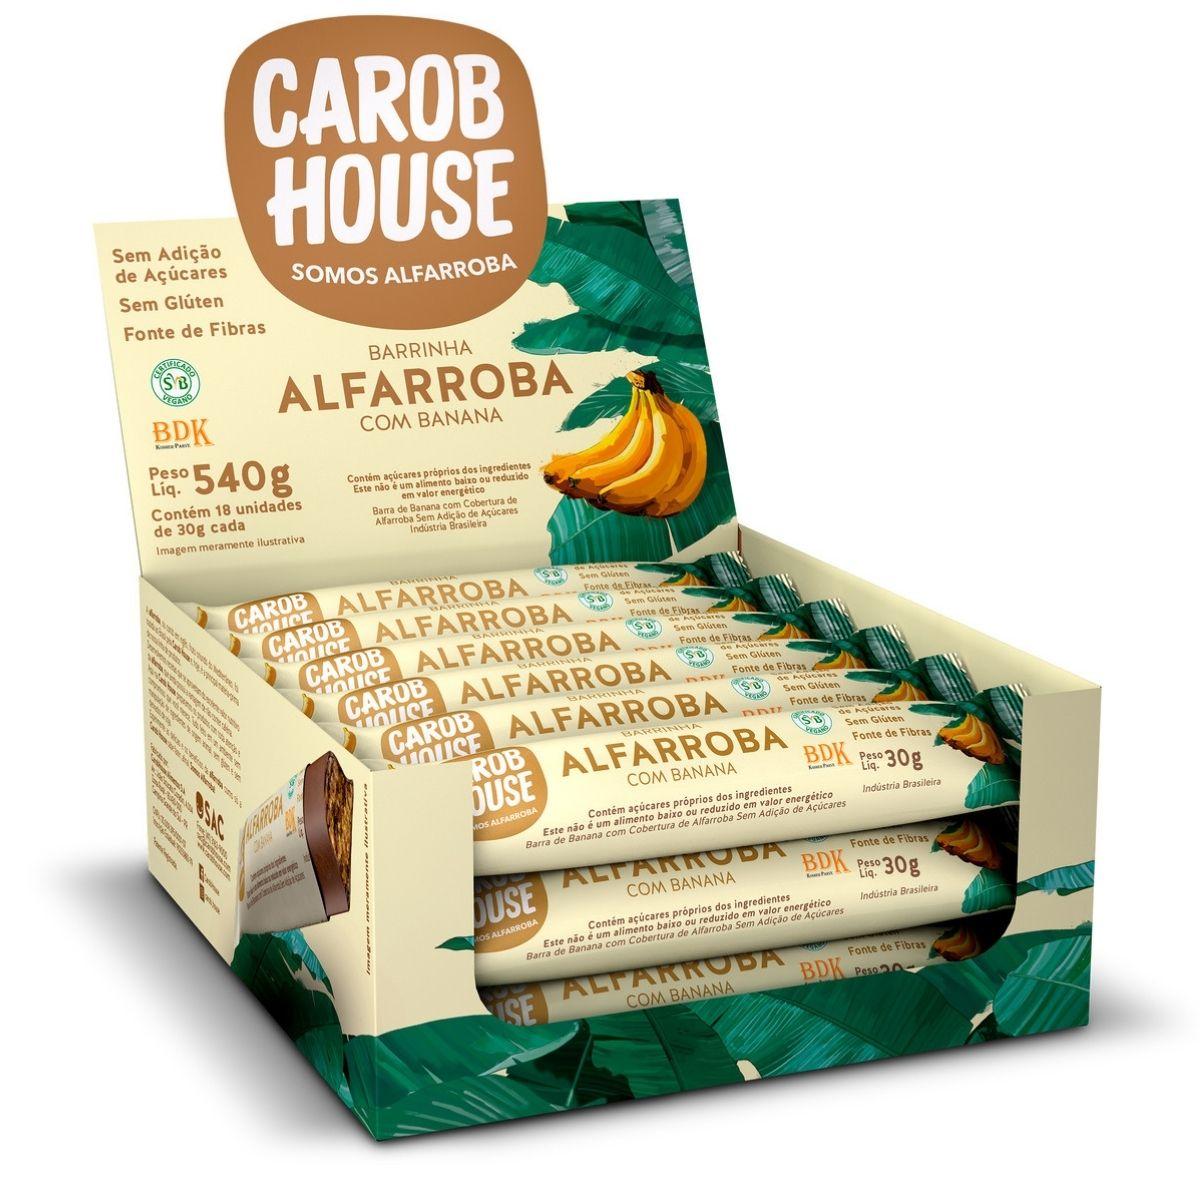 Barrinhas Alfarroba Com Banana 30g Caixa C/ 18 Und - Carob House